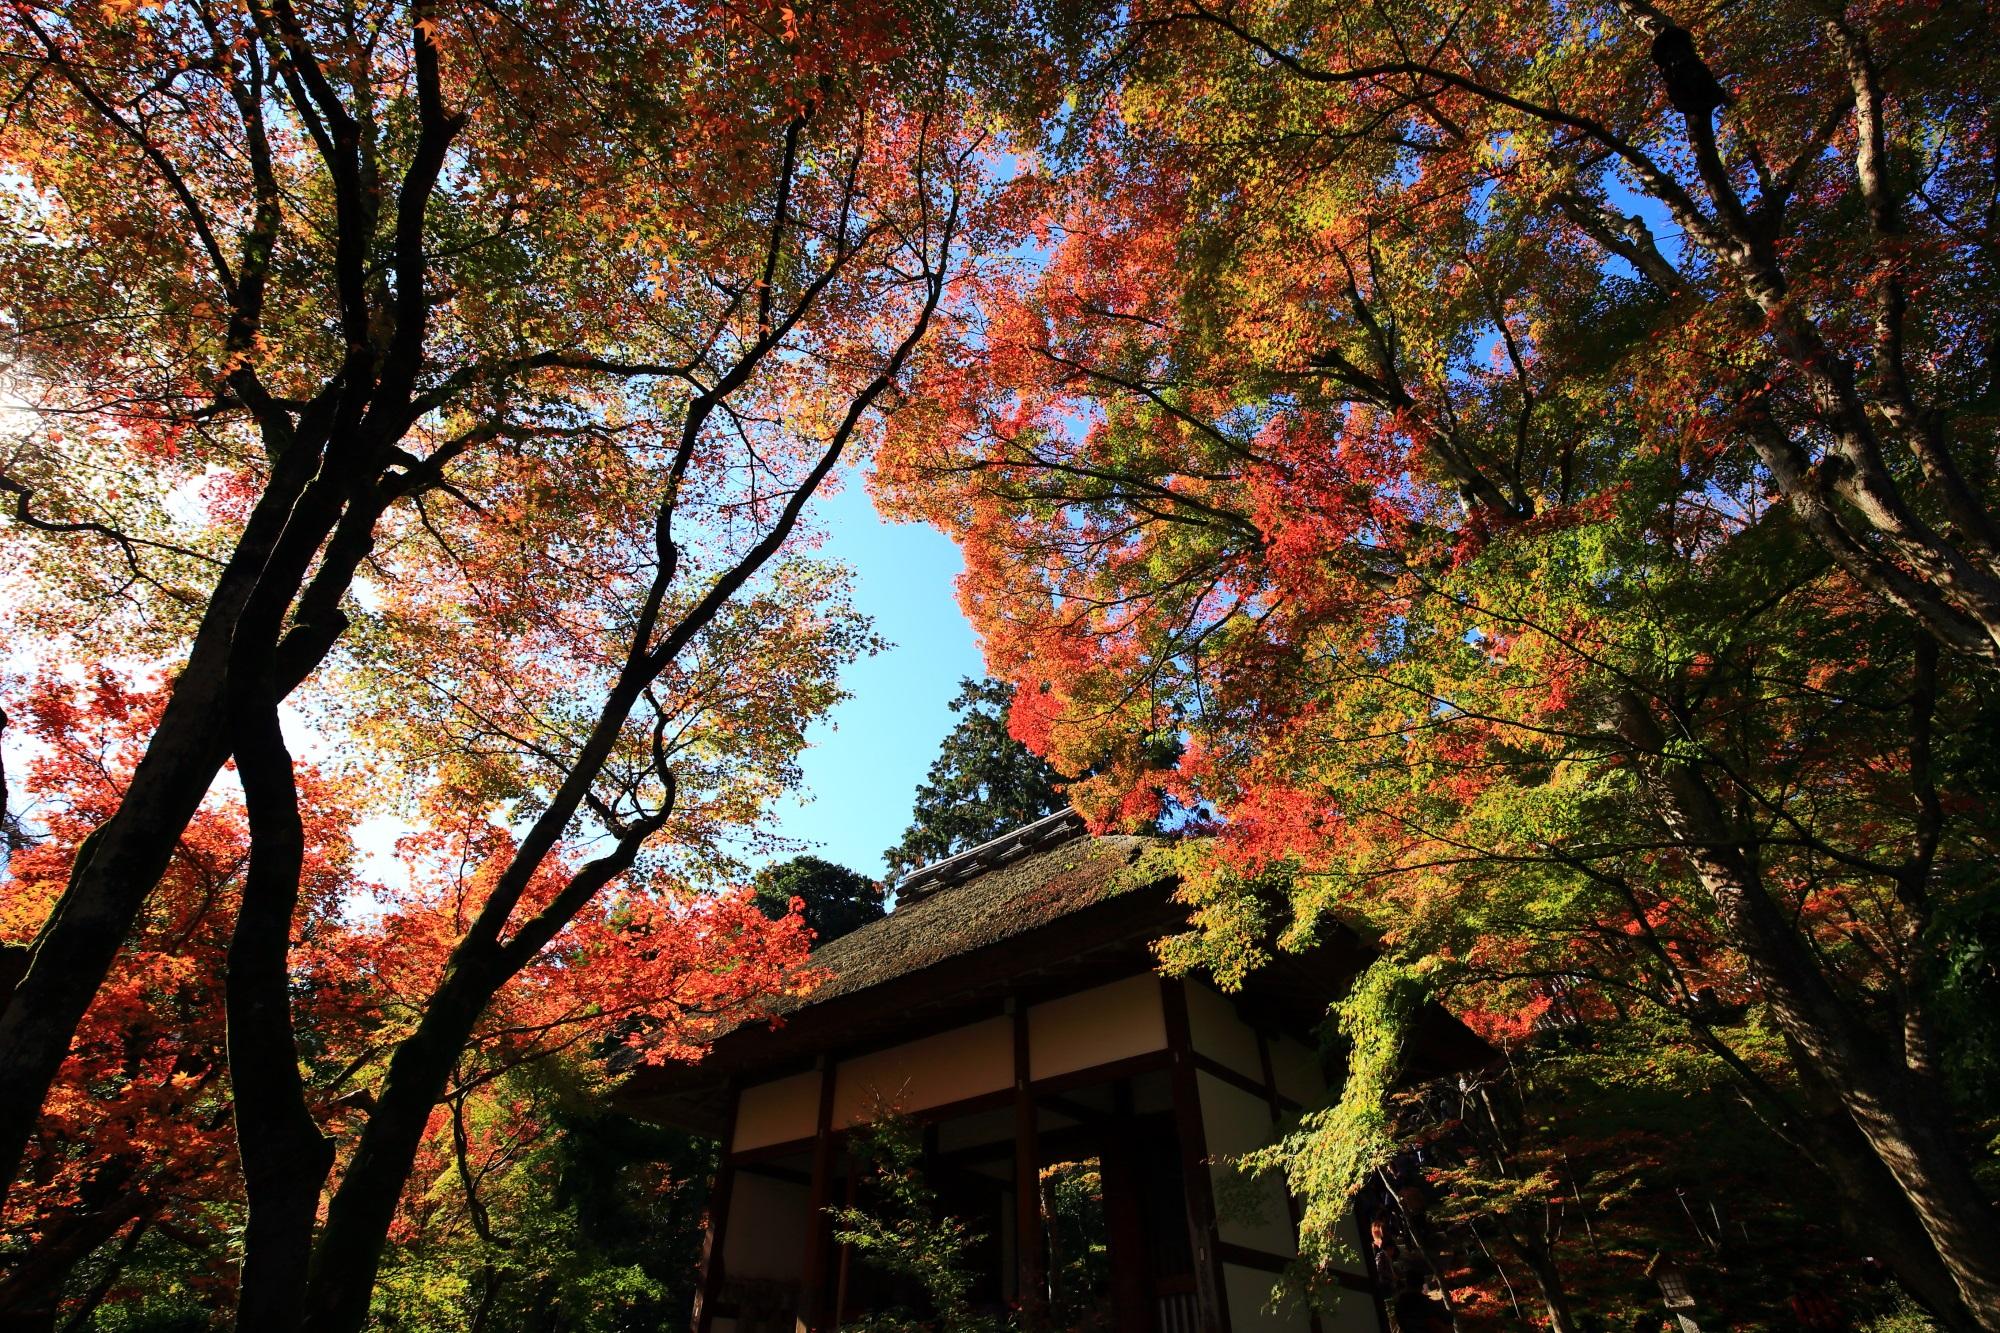 常寂光寺の仁王門と色とりどりのキラキラした紅葉